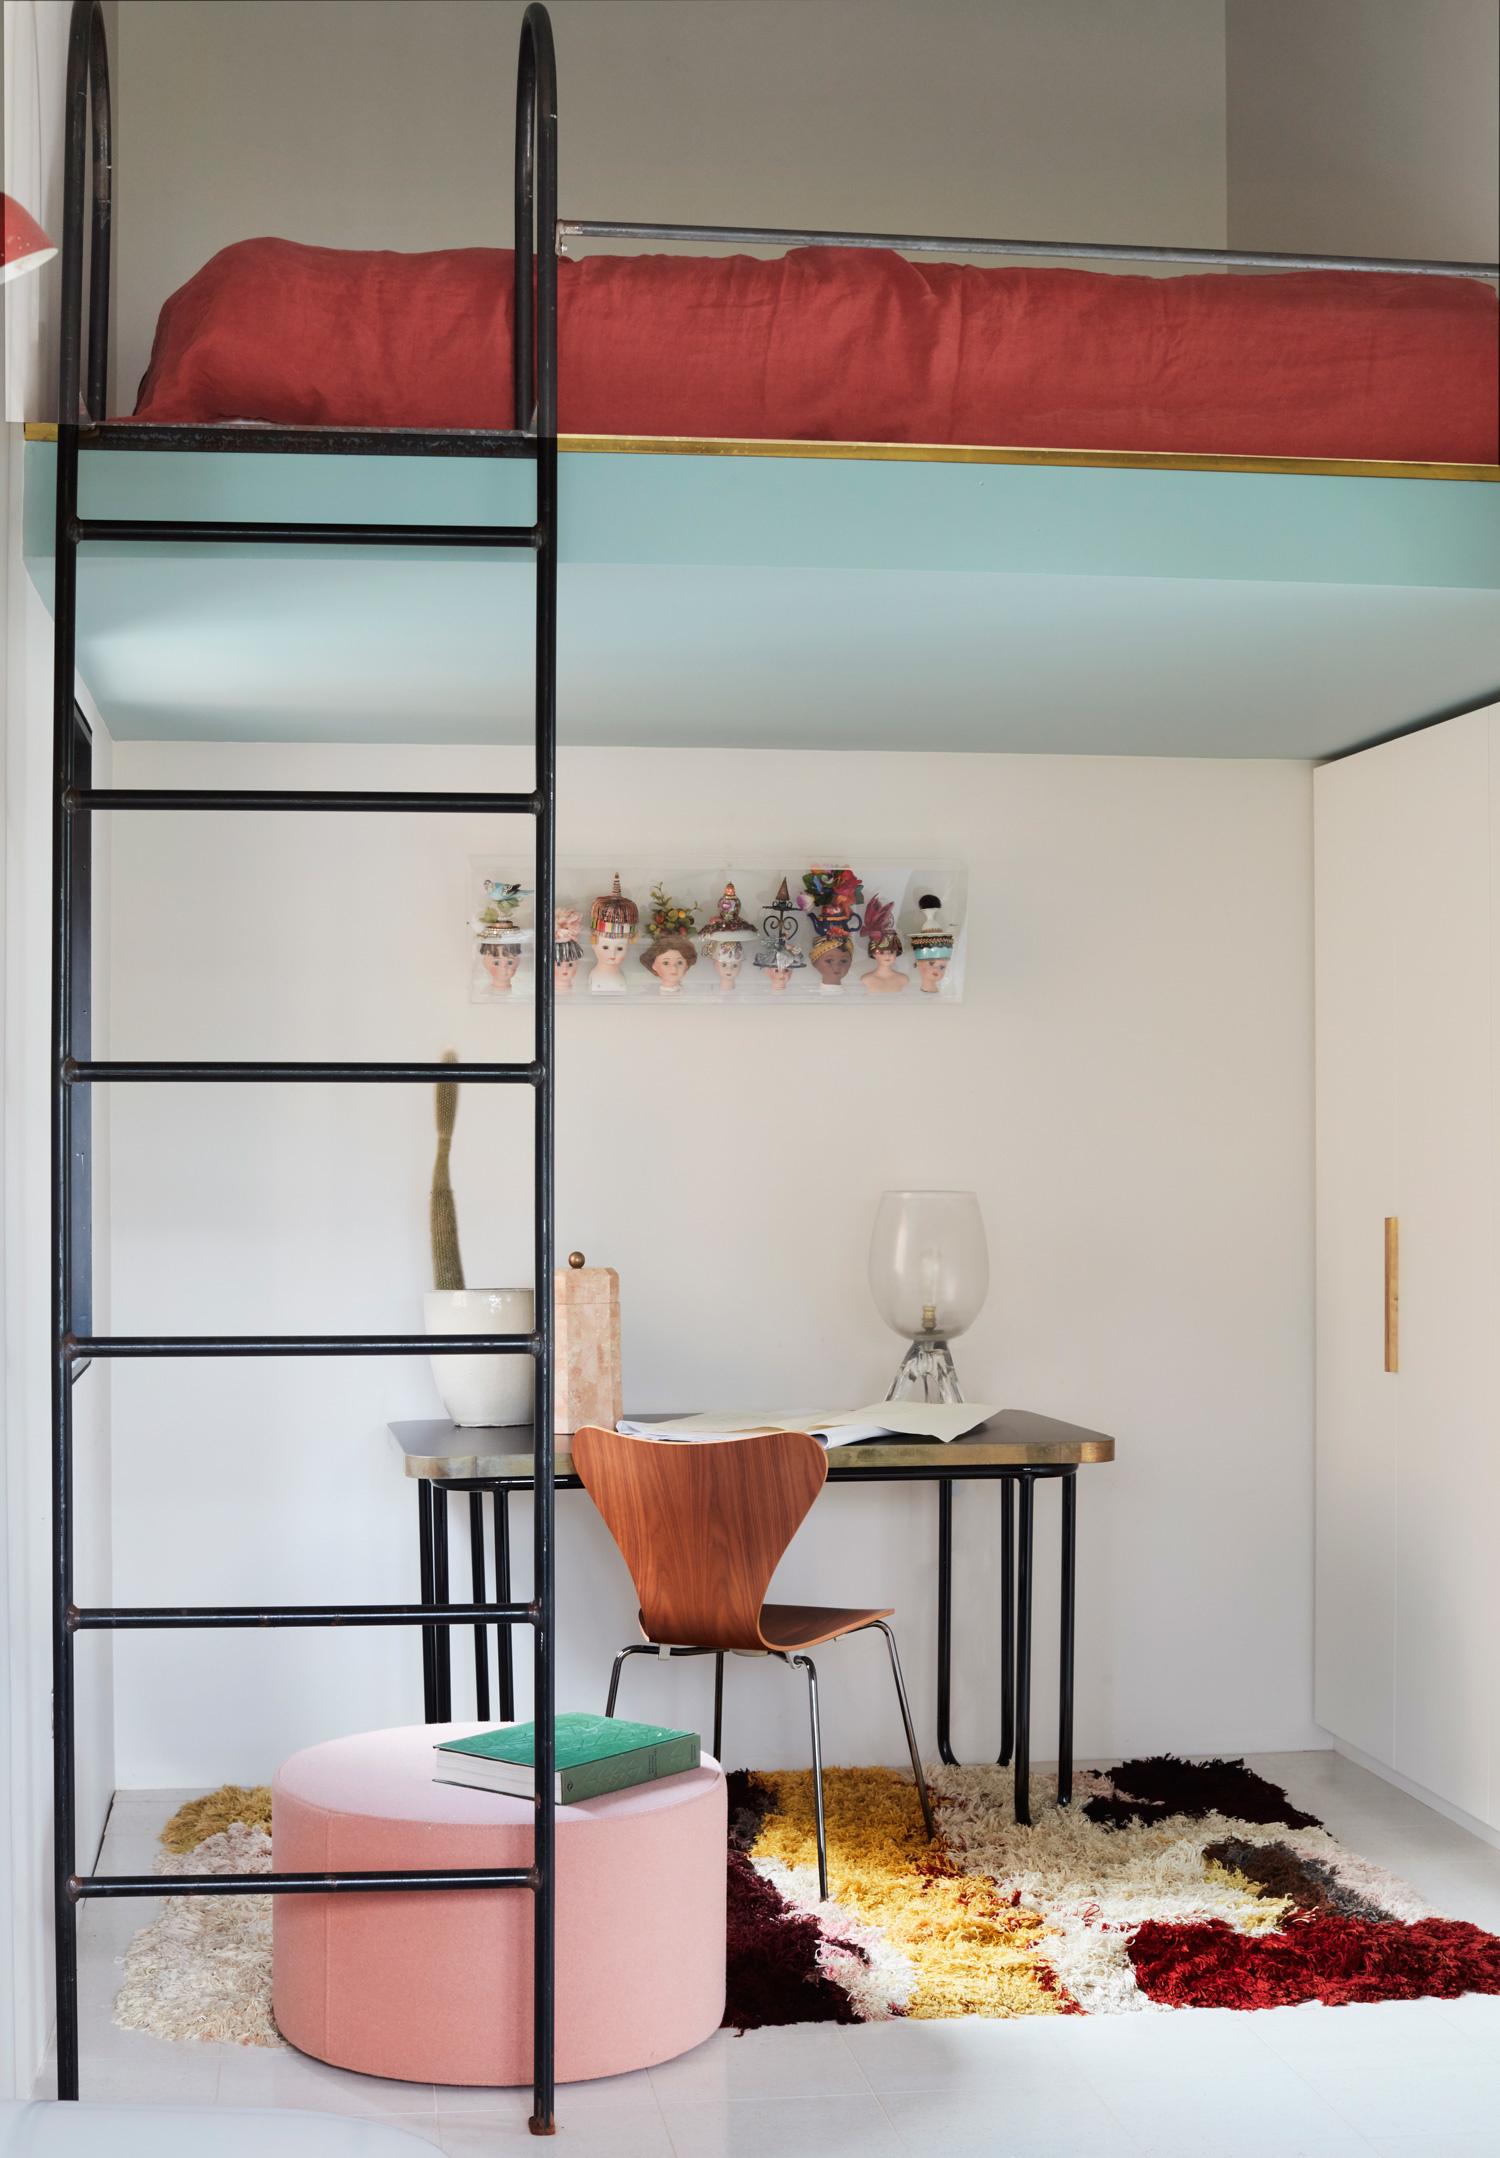 Спальня в стиле лофт: кровати на антресоли (галерея 0, фото 13)